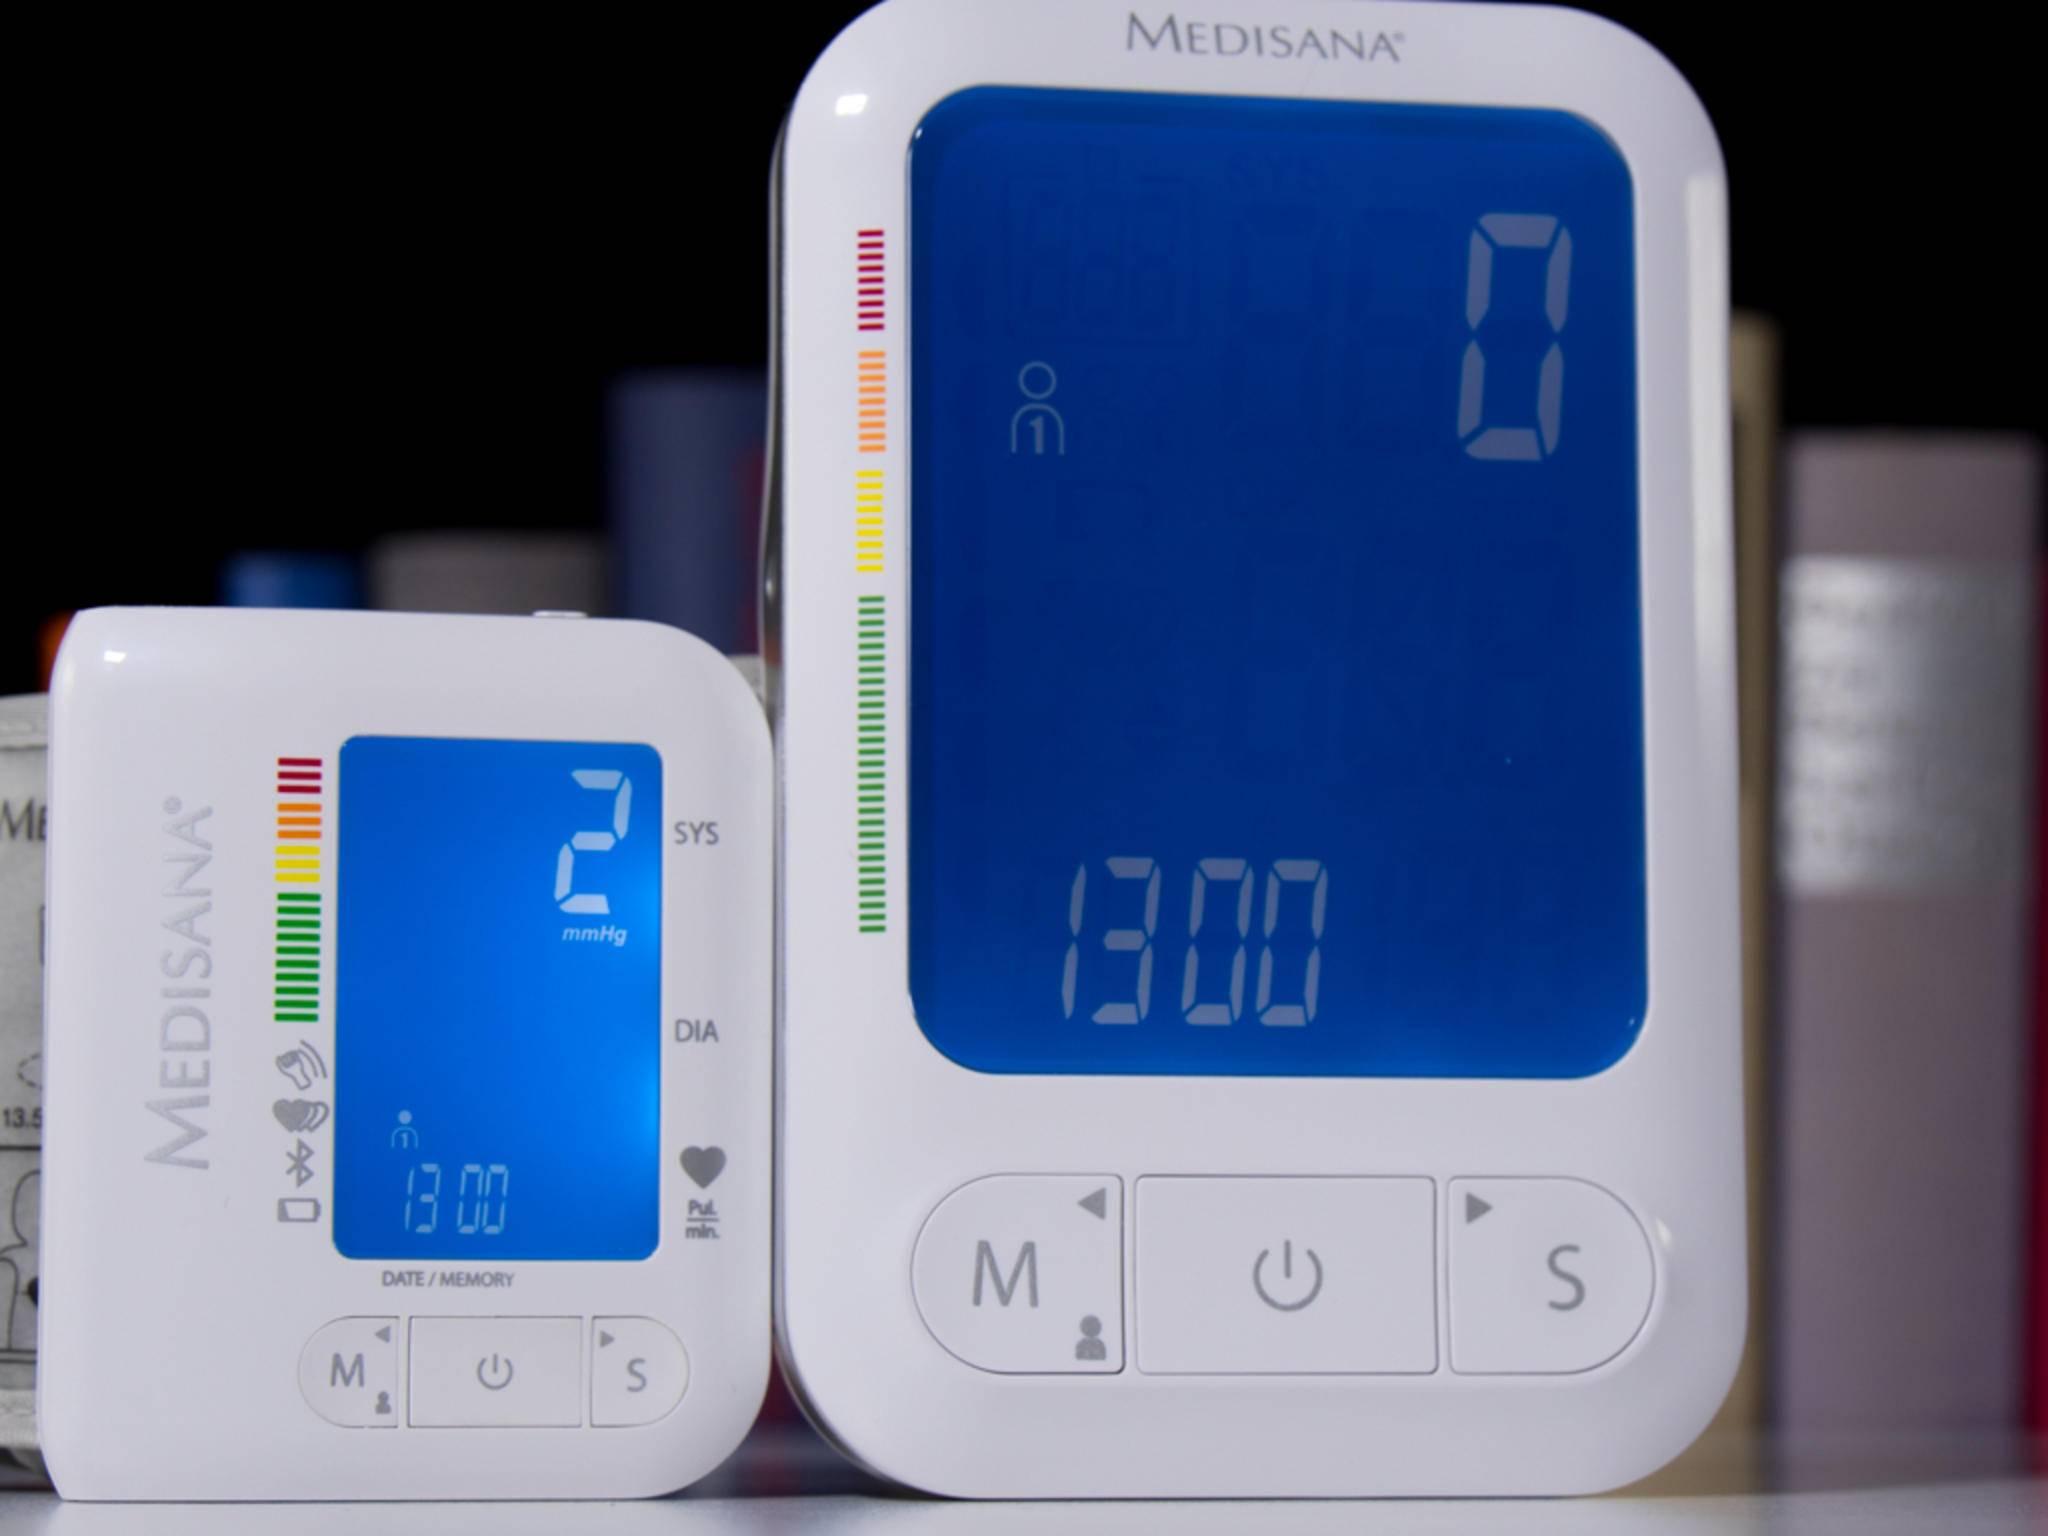 Beide Geräte unterscheiden sich hauptsächlich in Sachen Display-Größe.